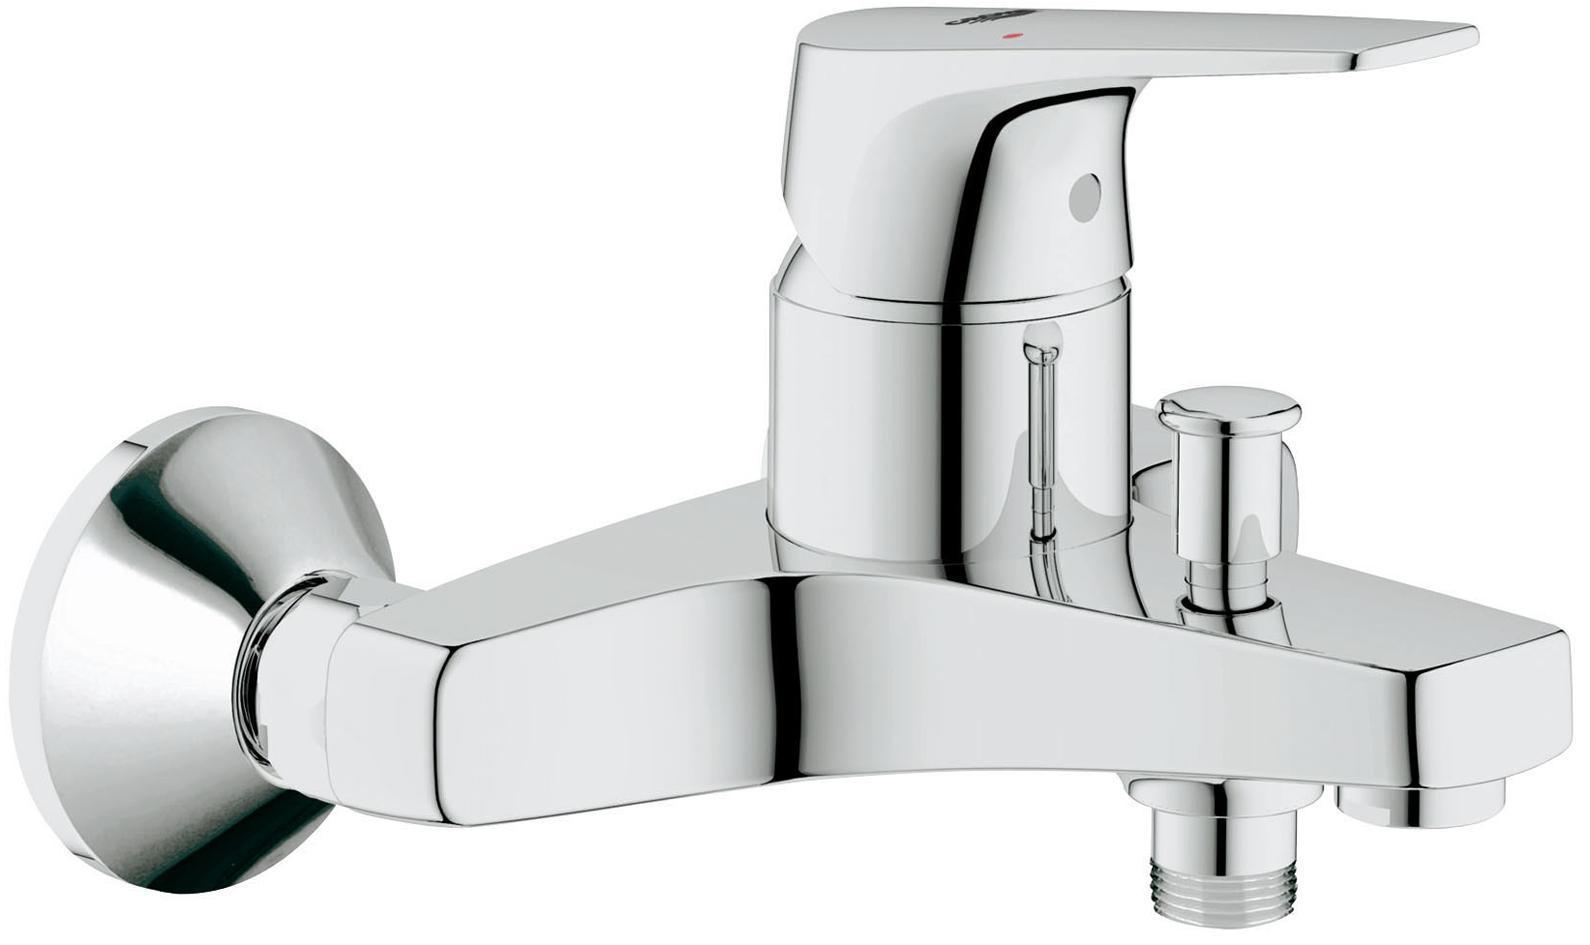 Смеситель для ванны GROHE BauFlow, хром32811000Смеситель для ванны GROHE BauFlow, хром Видео по установке является исключительно информационным. Установка должна проводиться профессионалами!